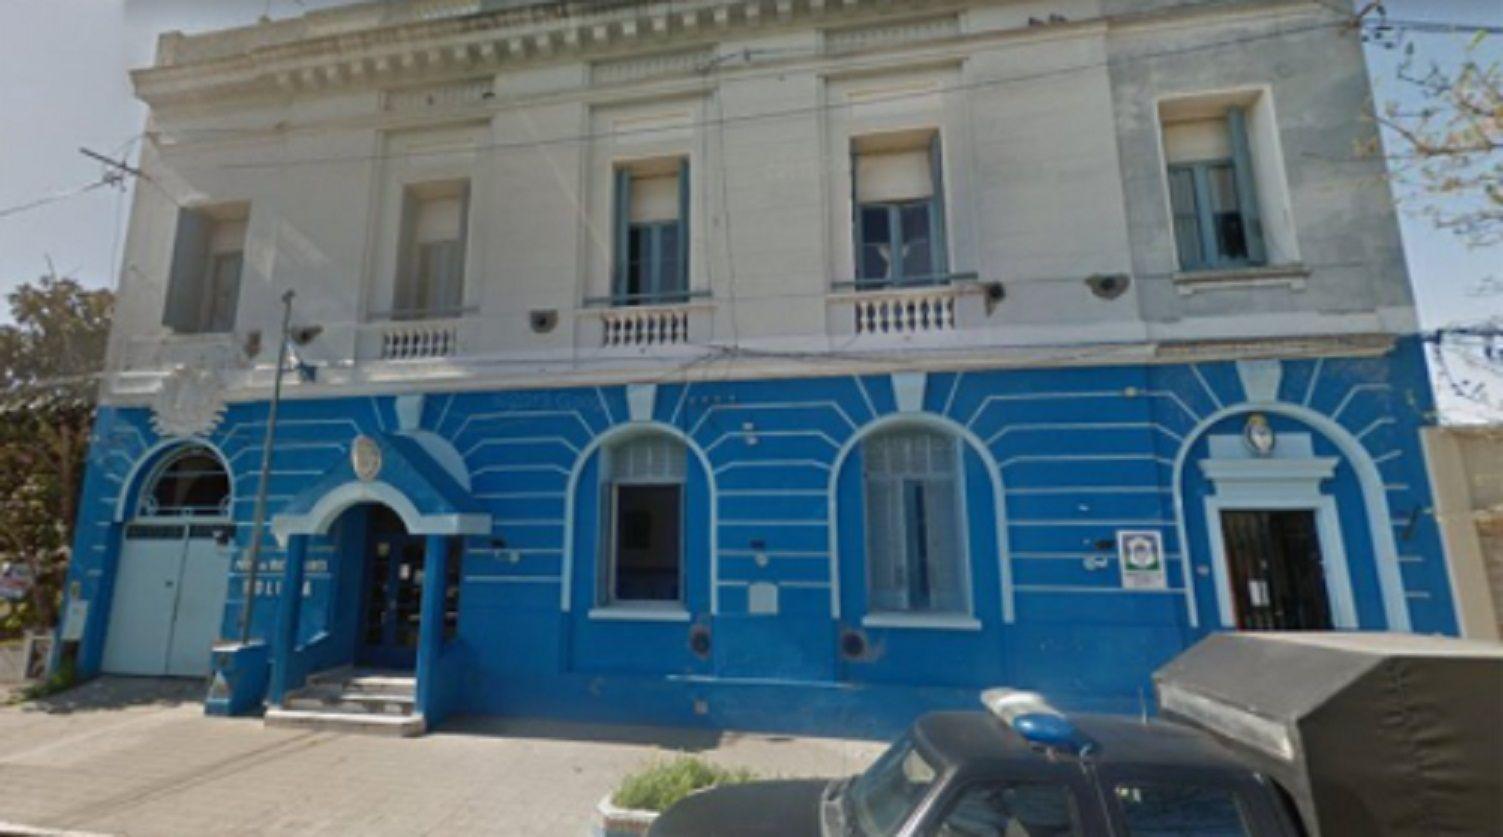 Los niños africanos abandonados en Bahía Blanca entraron al país con visa de turistas